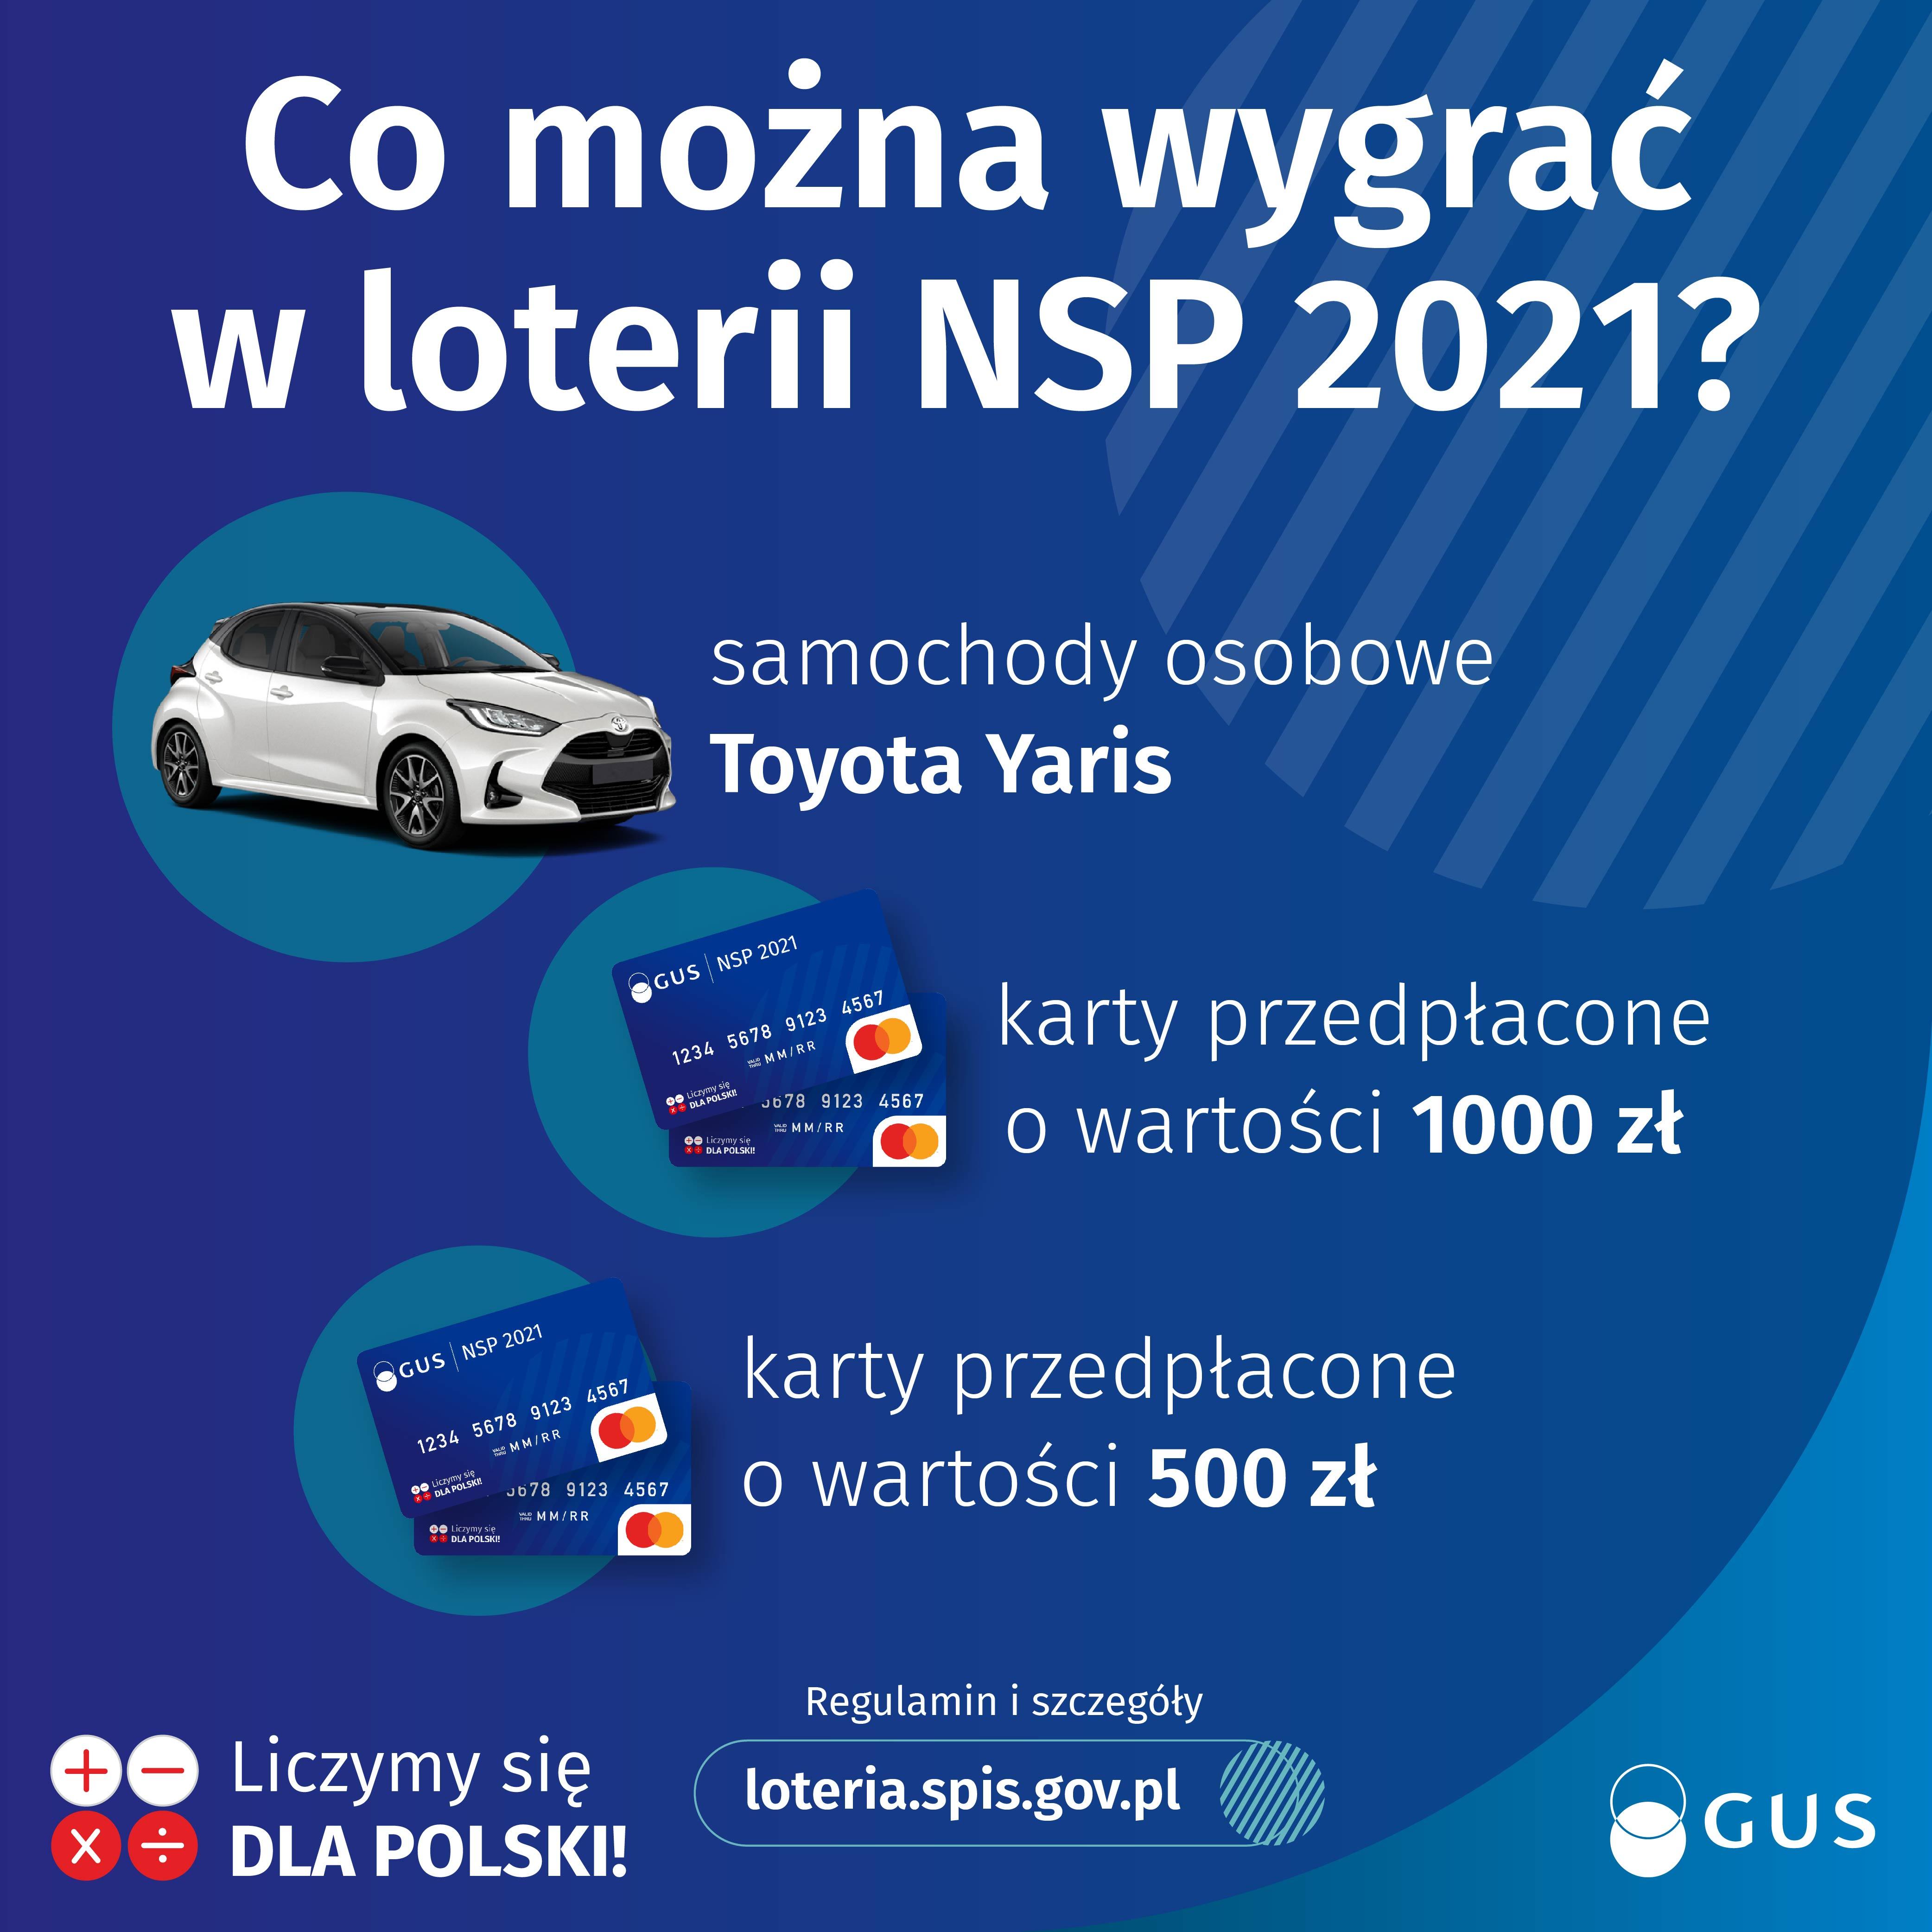 Loteria NSP 2021